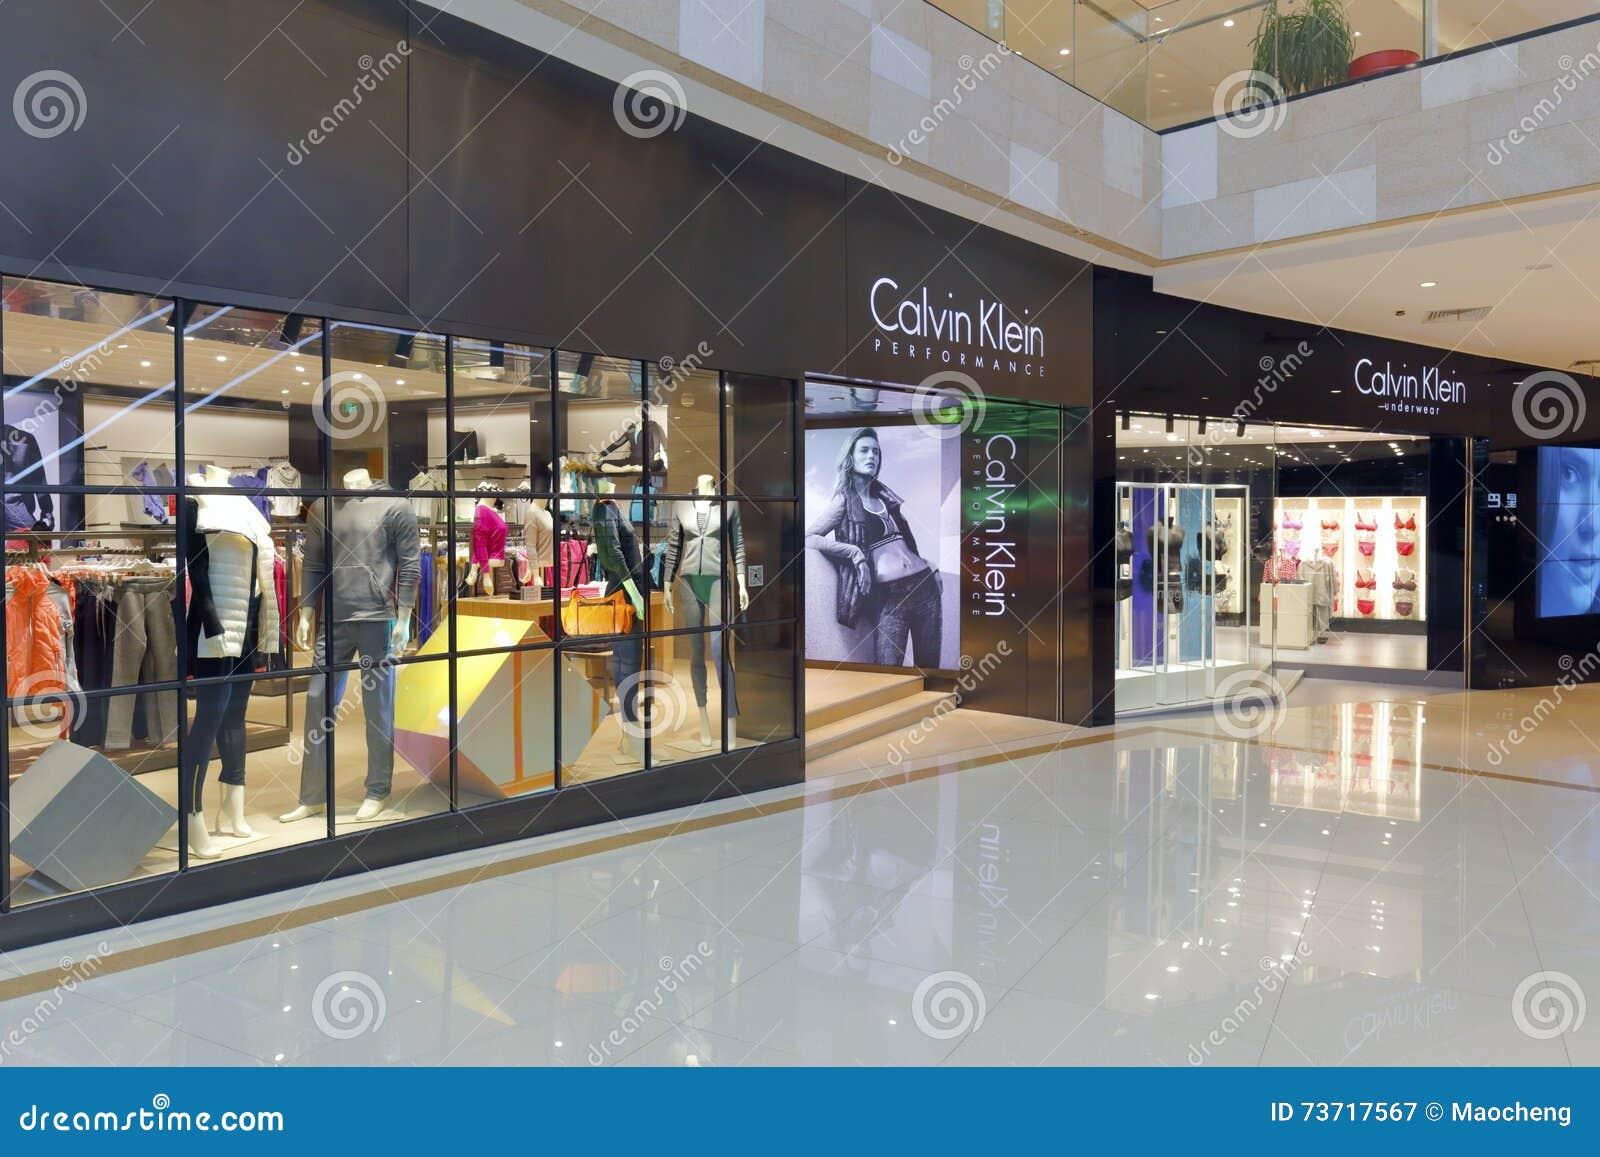 new style 5081a e6cf6 Facciata Del Negozio Dell'abbigliamento Di Calvin Klein ...